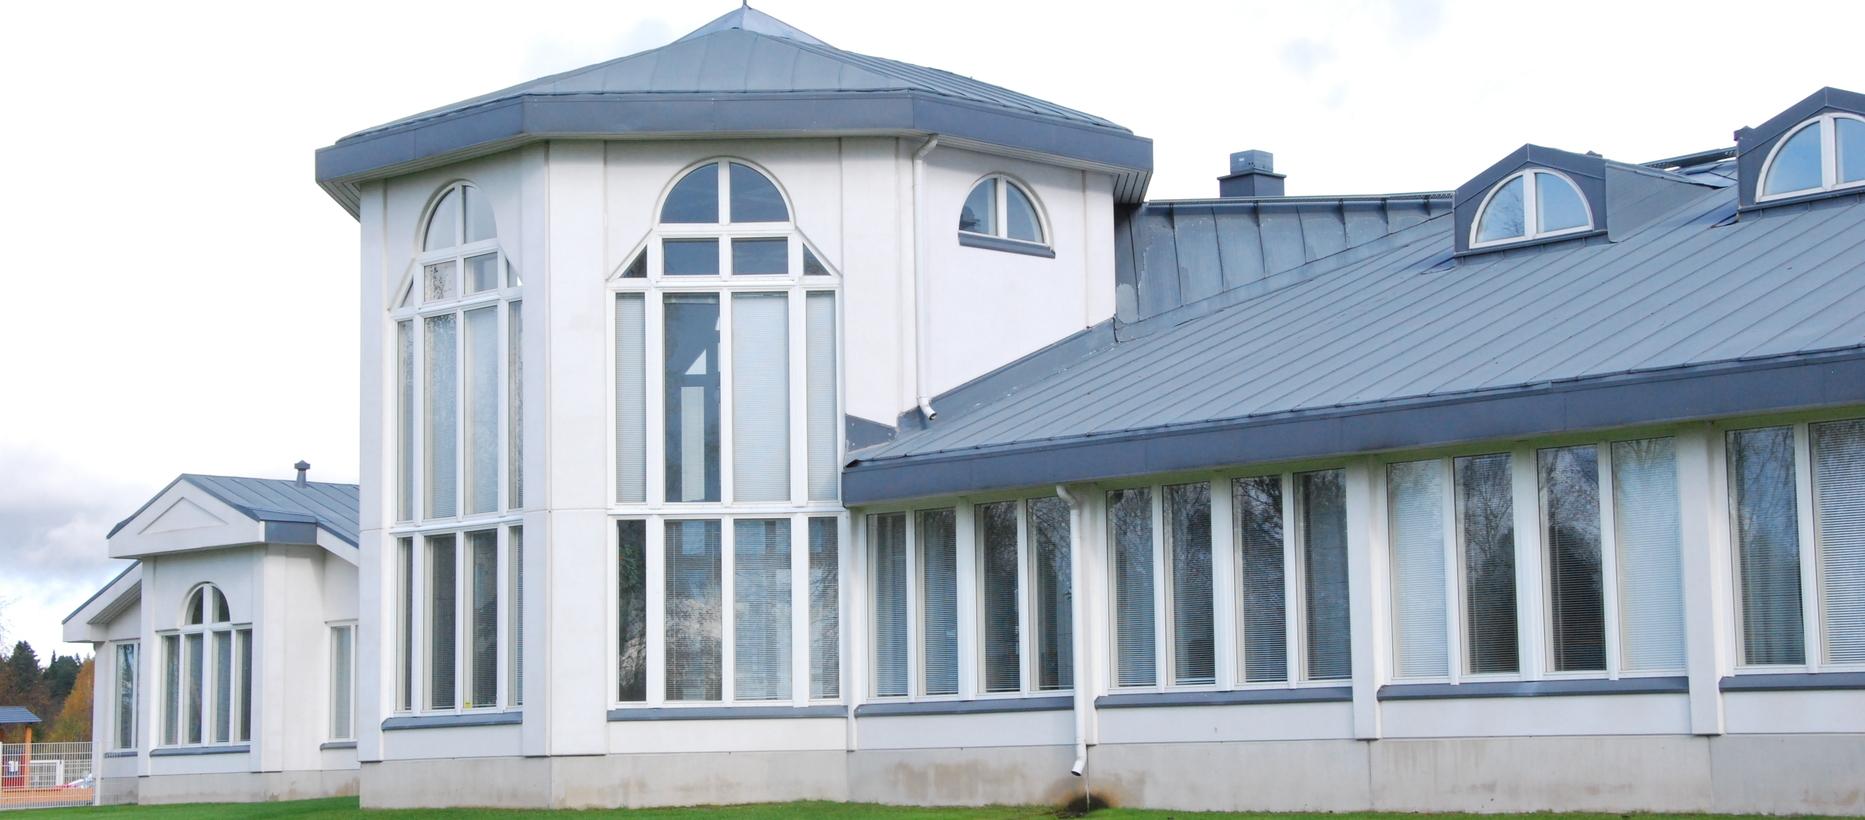 Jämsän seurakuntakeskus